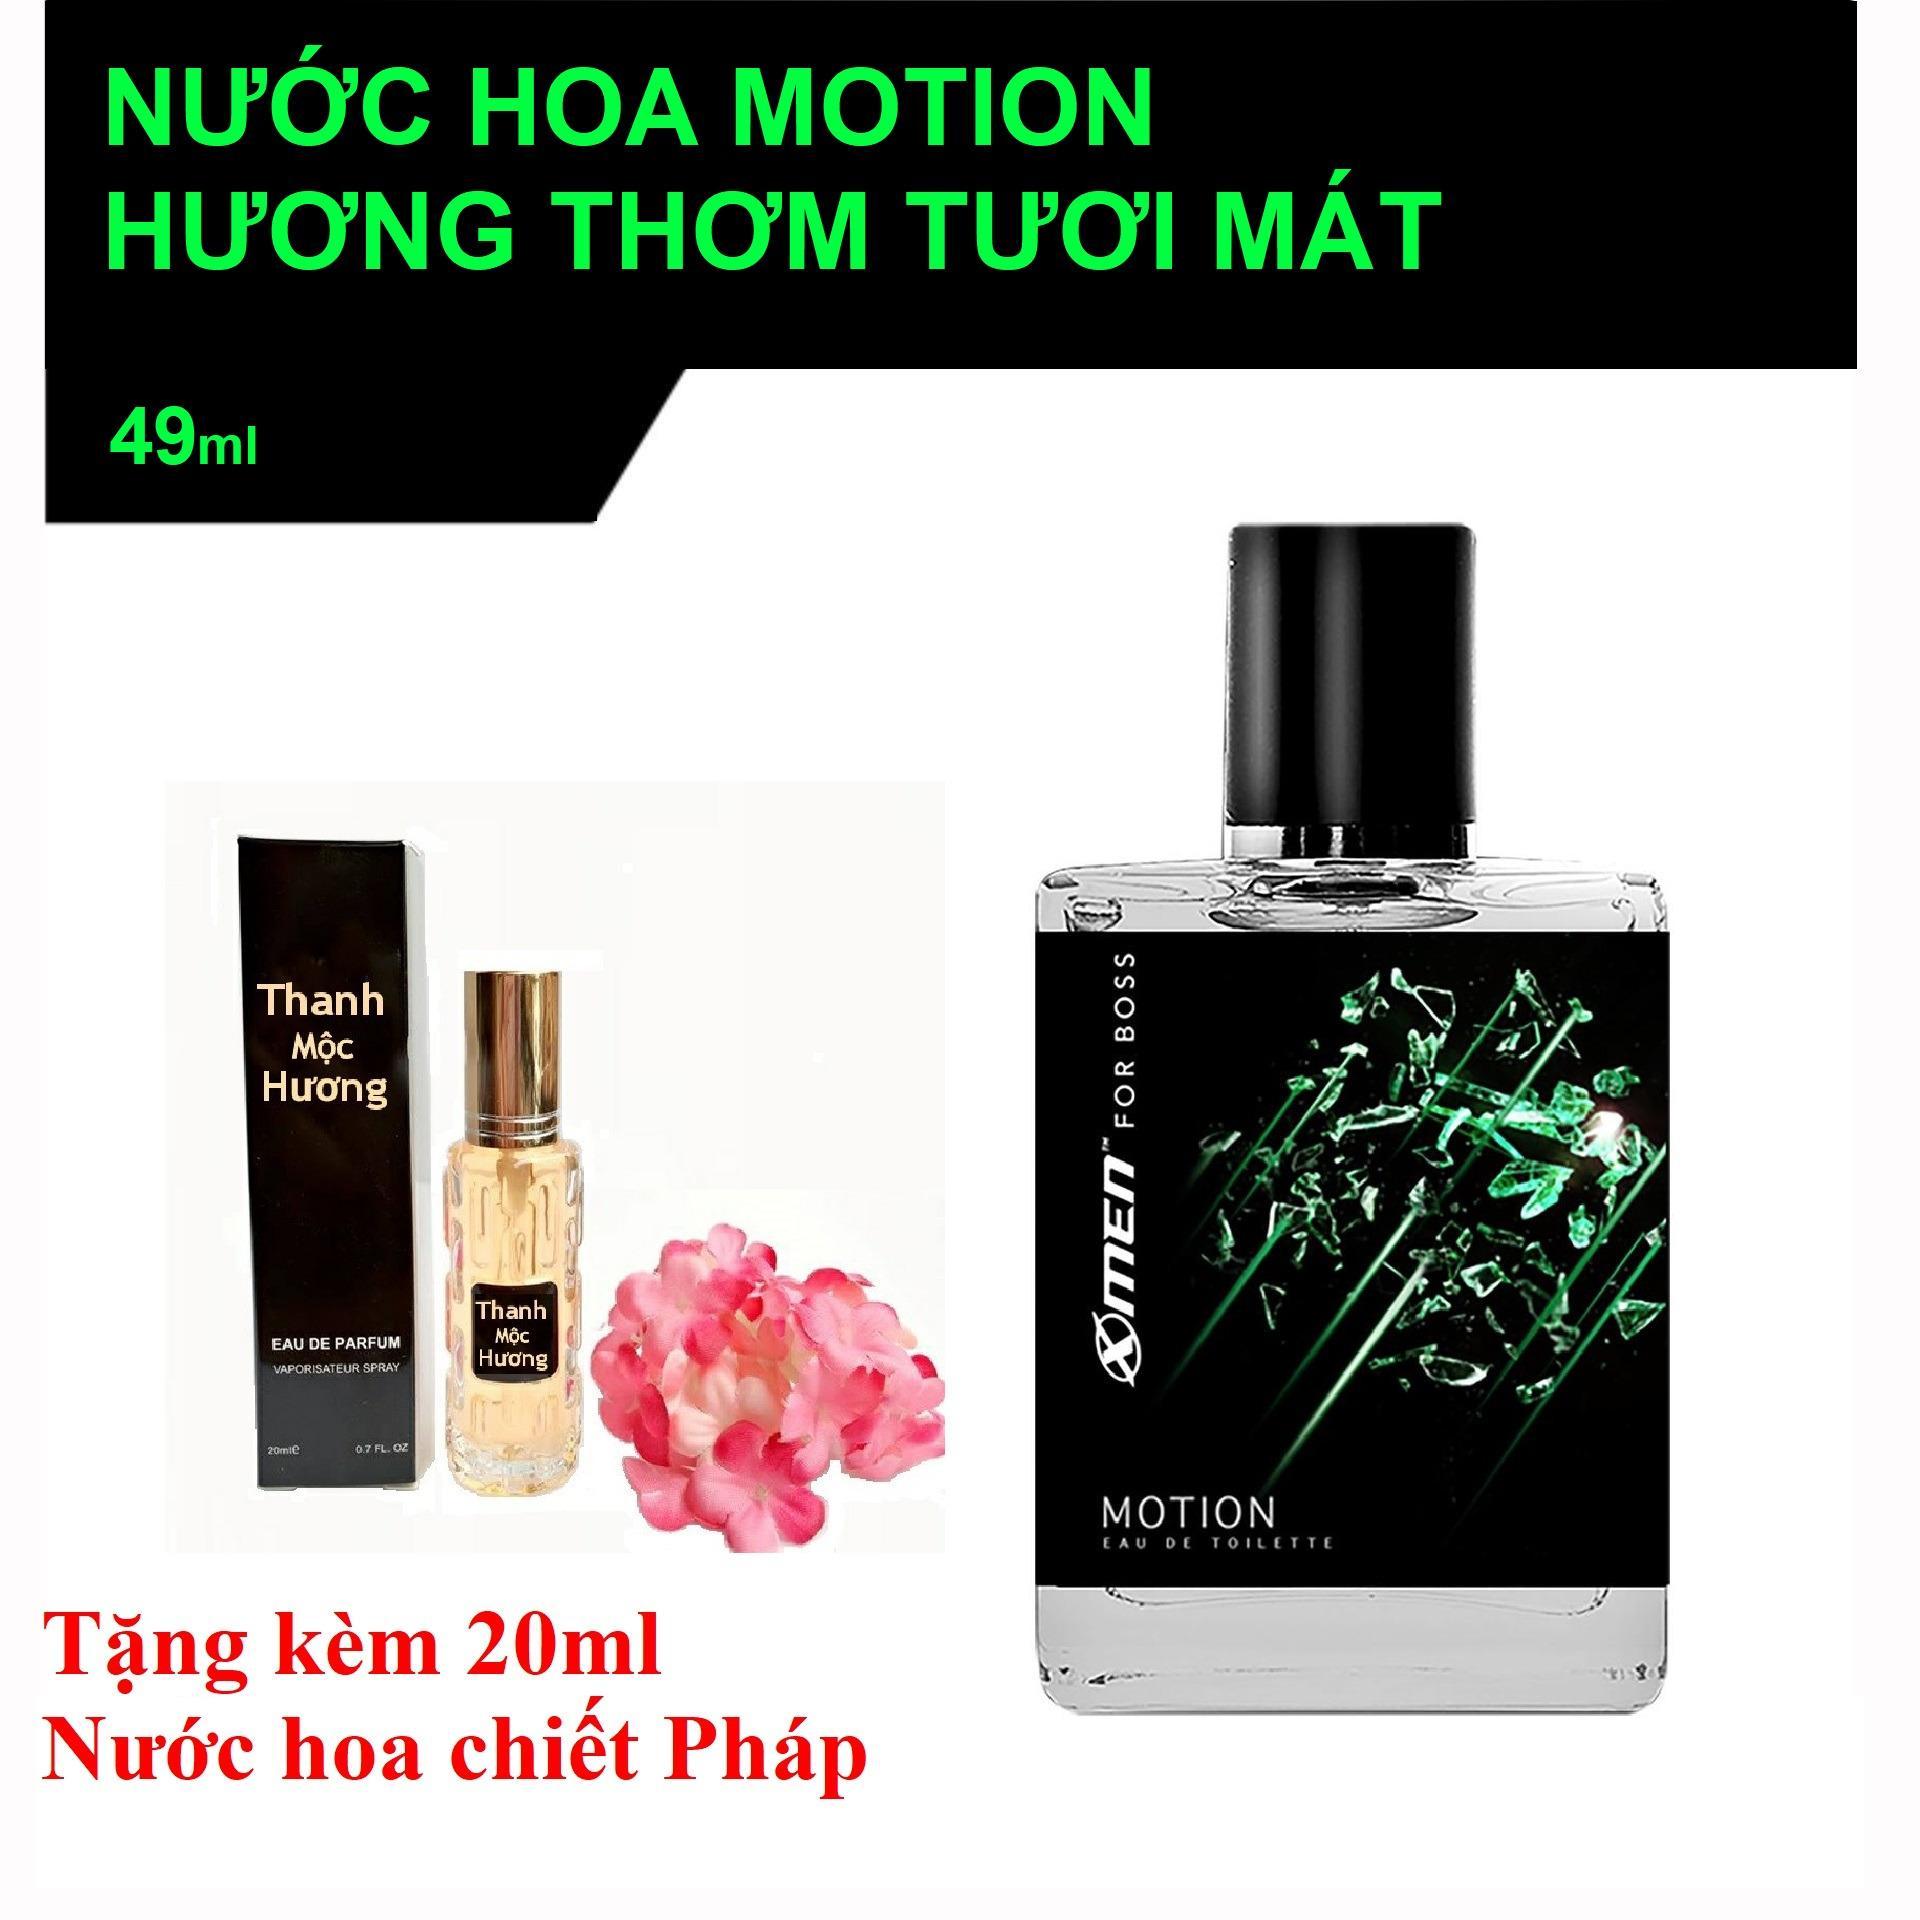 Nước hoa xmen for Boss Motion có hộp tặng kèm 20ml nước hoa chiết Pháp